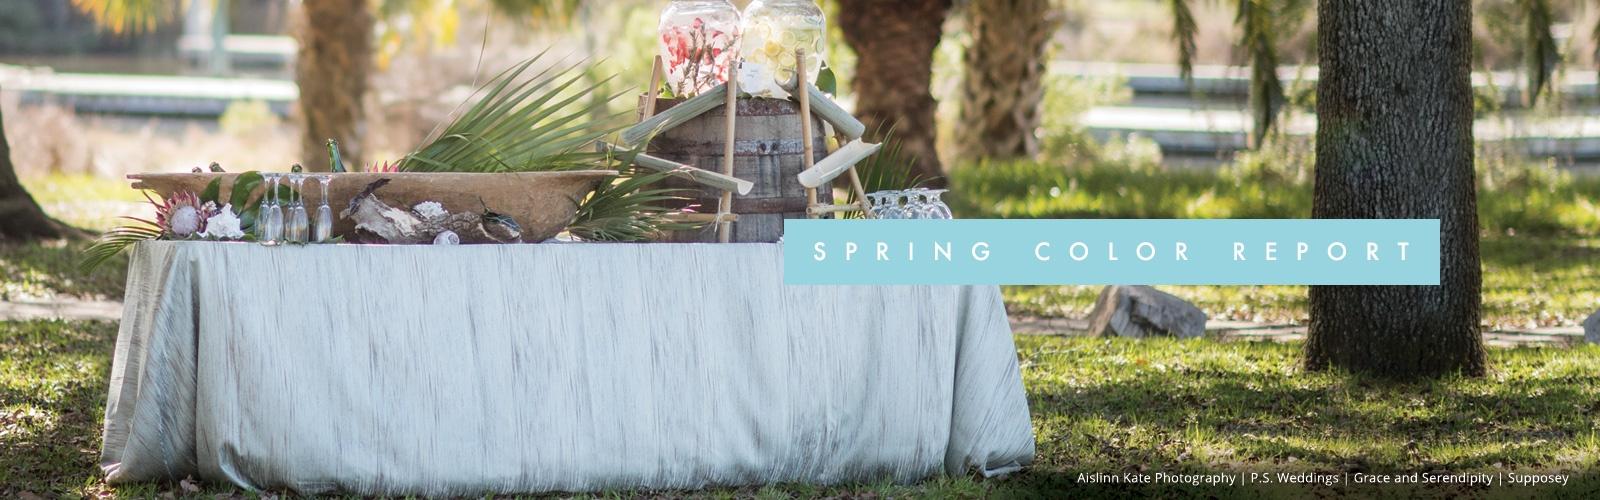 bbj-spring17colorreport-landingpagebanner-new.jpg